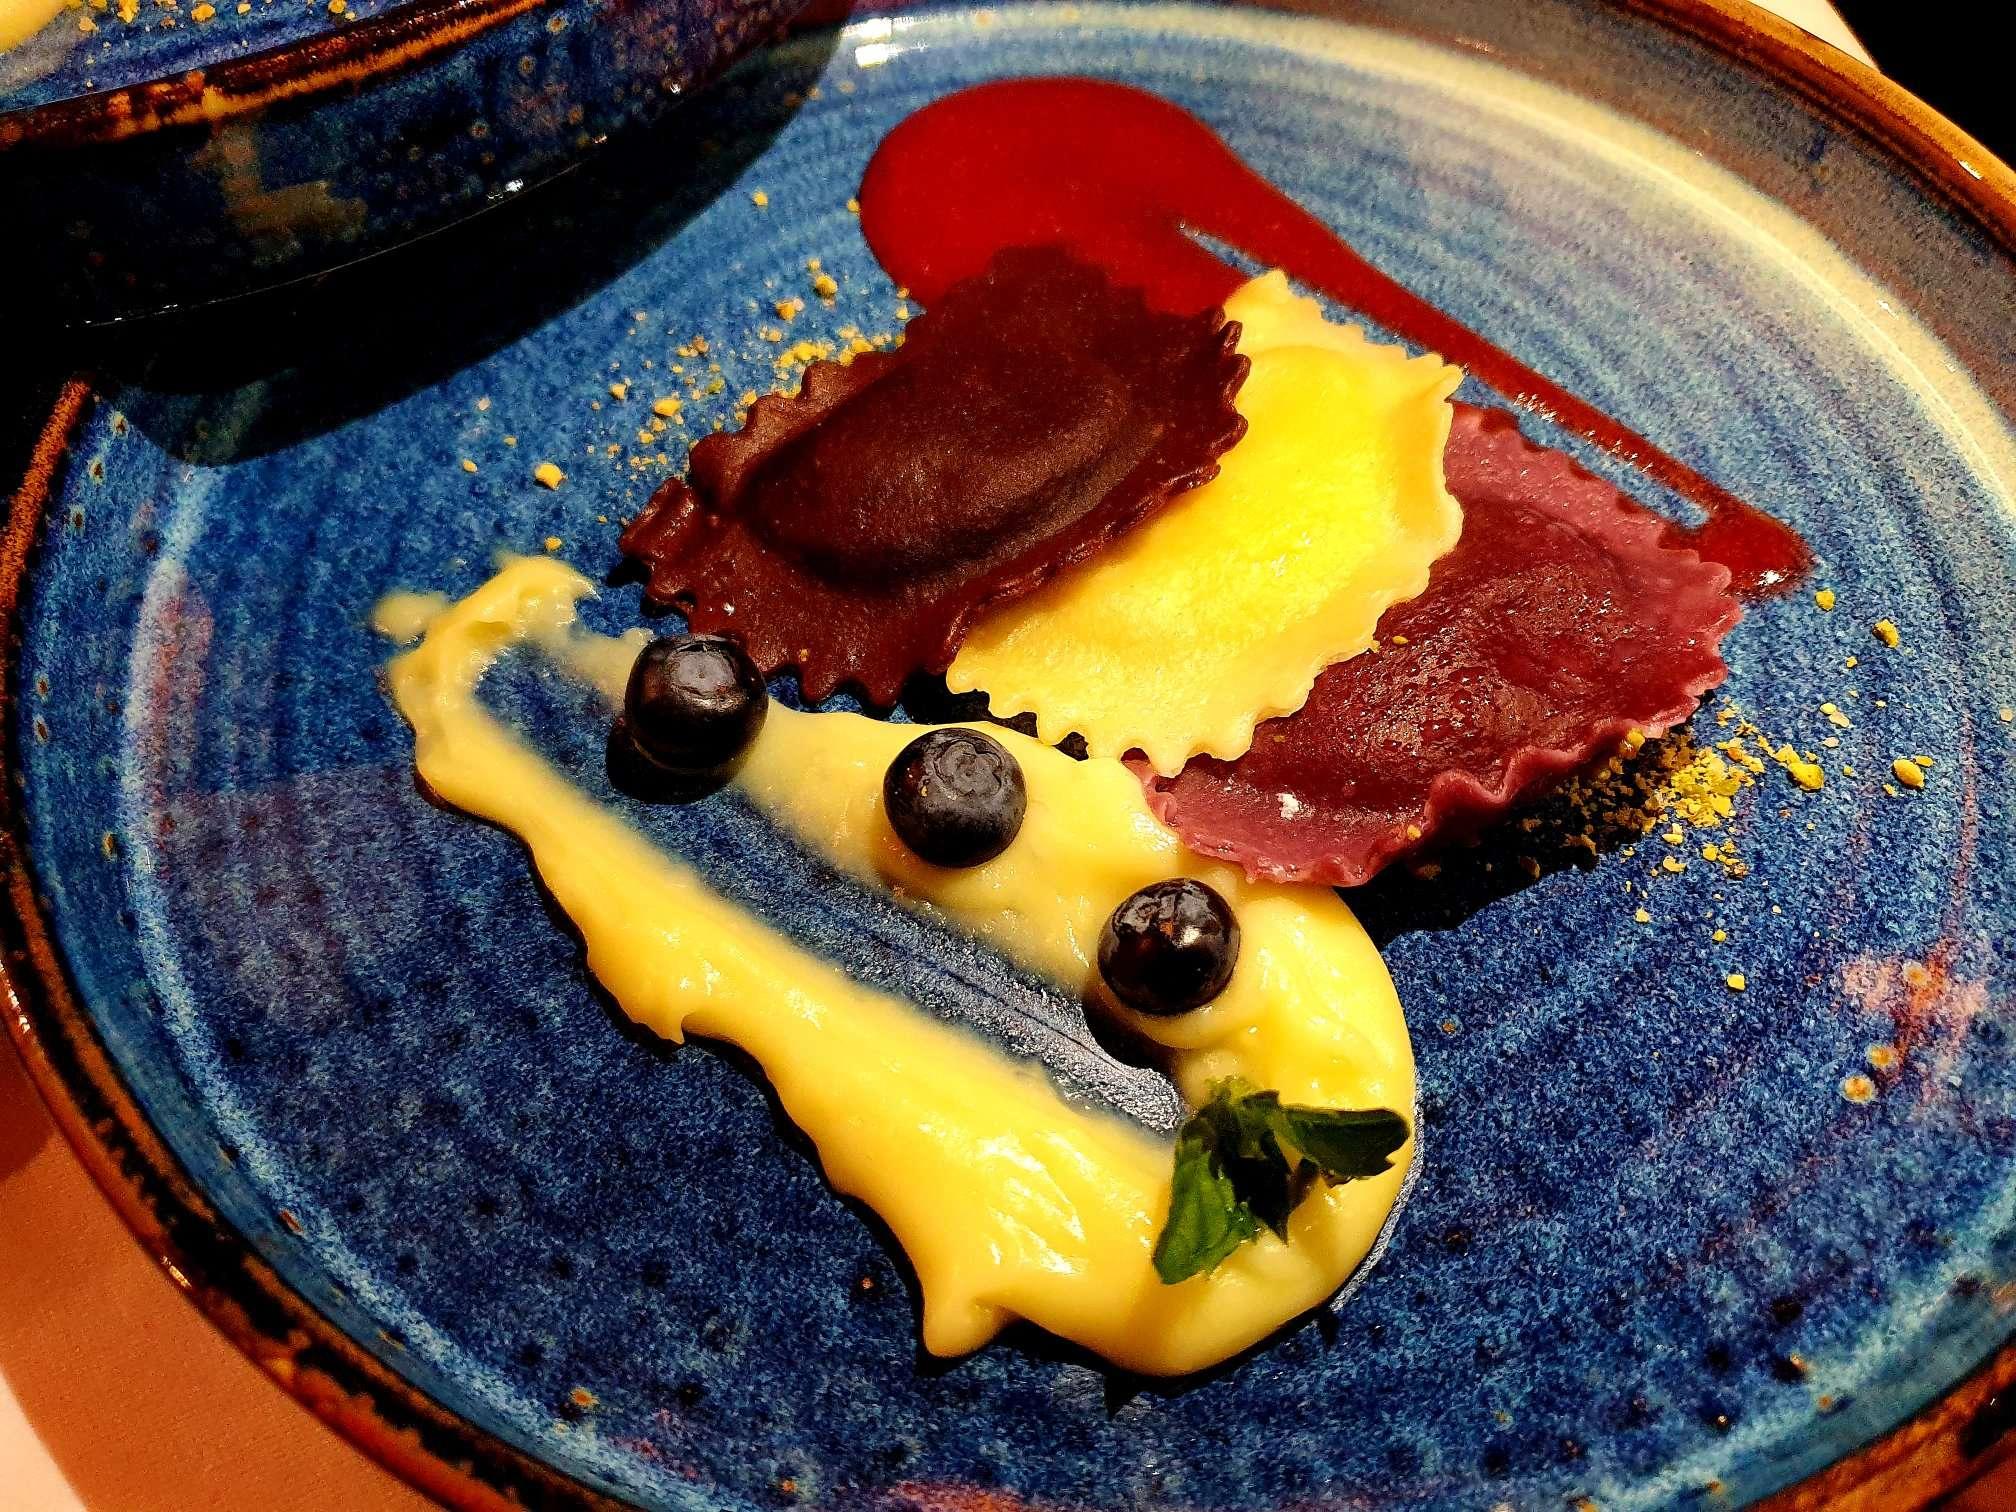 Tris de colțunași - cu brânză și piure de căpșuni; afine, urdă și mentă; ciocolată și fistic Best Western Bucovina